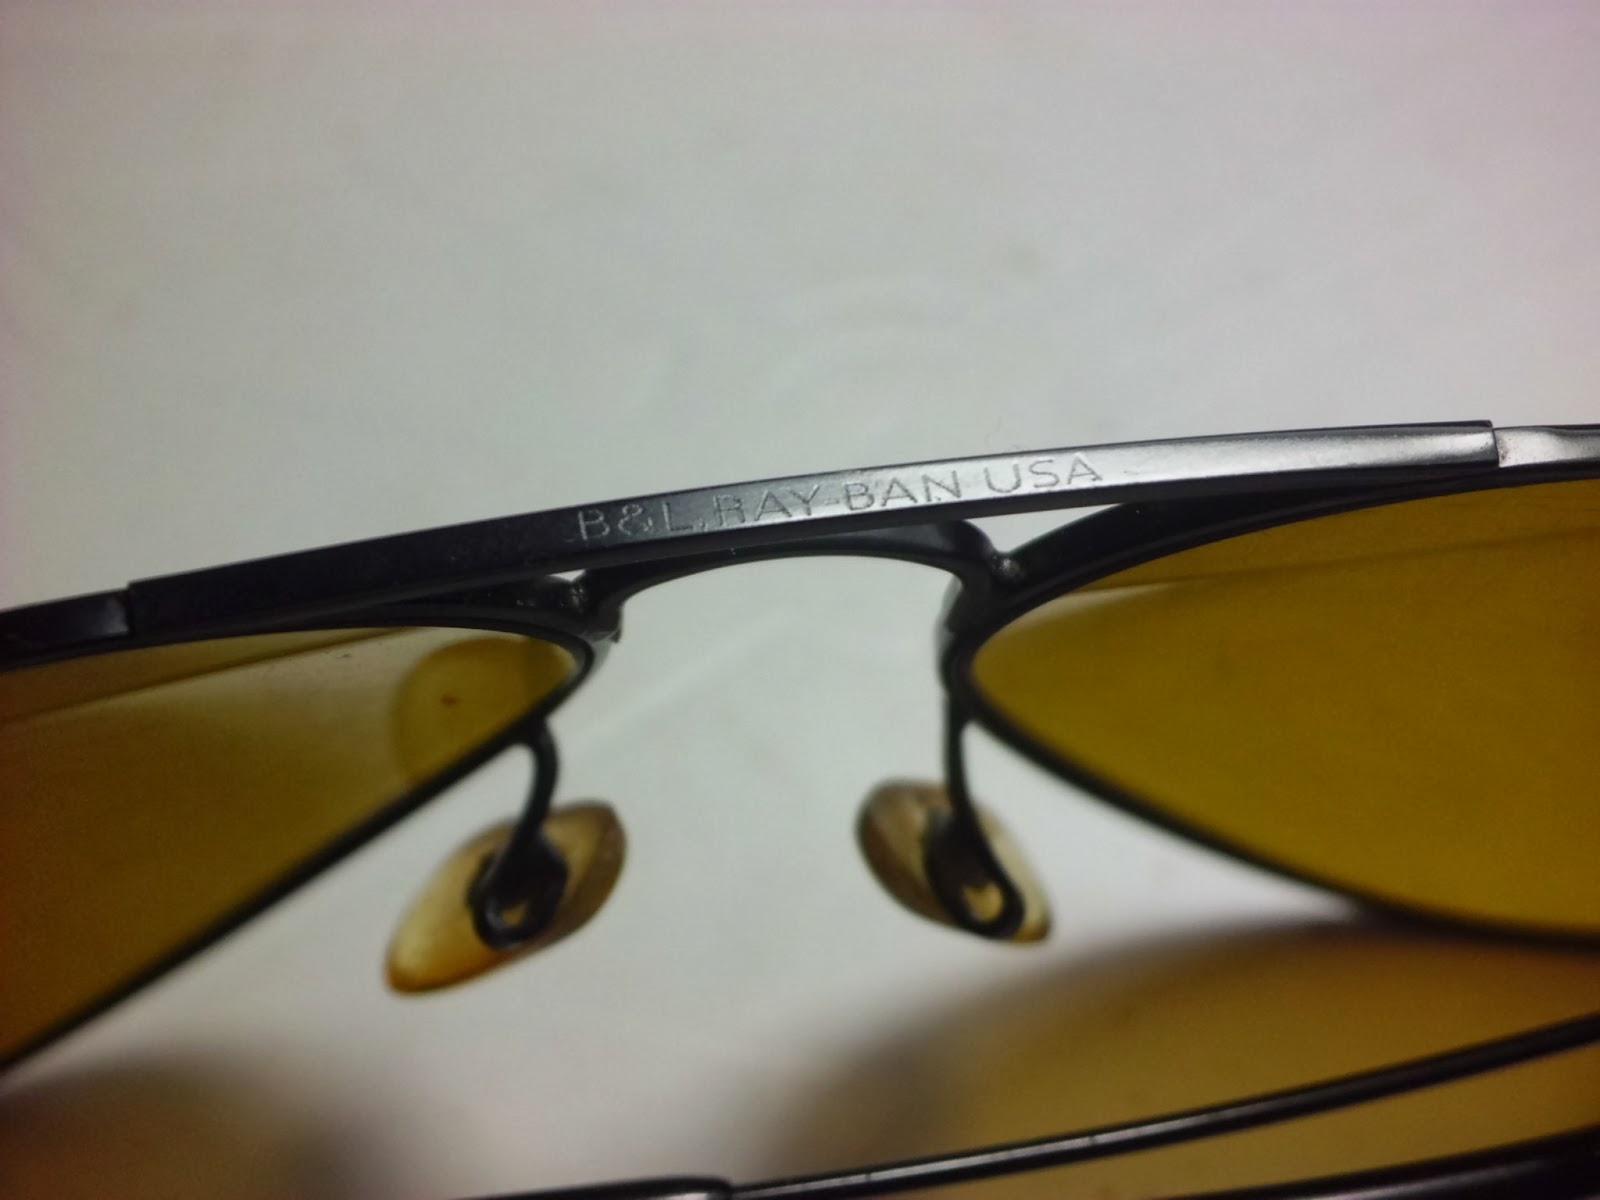 ... switzerland kacamata original norton brown lens harga rp 600.000 .  kacamata rayban aviator 9ed10 77052 e1d3f6db0b58